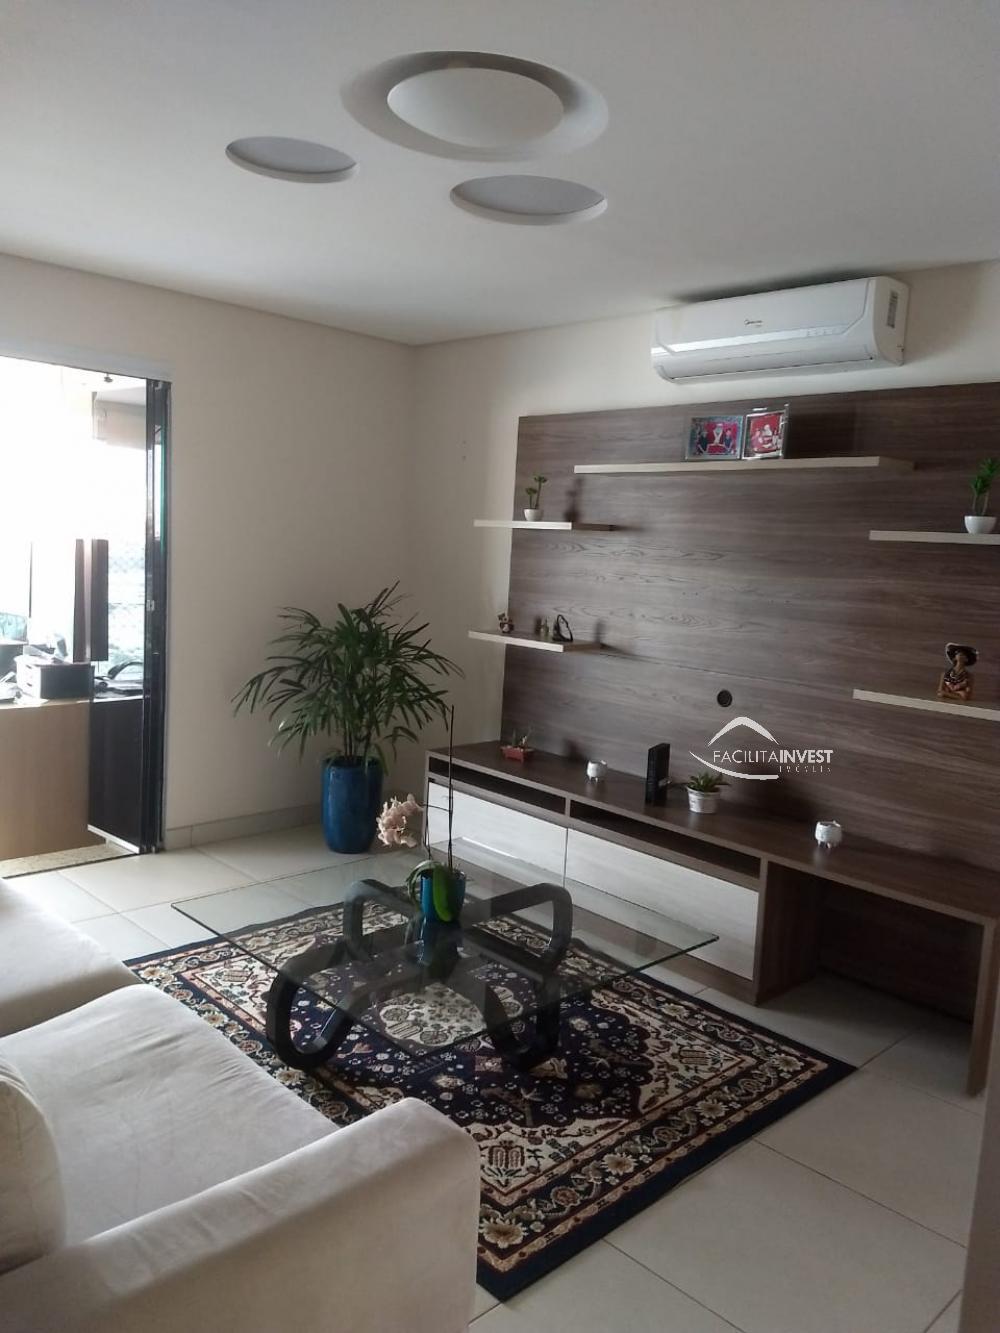 Comprar Apartamentos / Apart. Padrão em Ribeirão Preto apenas R$ 1.390.000,00 - Foto 5